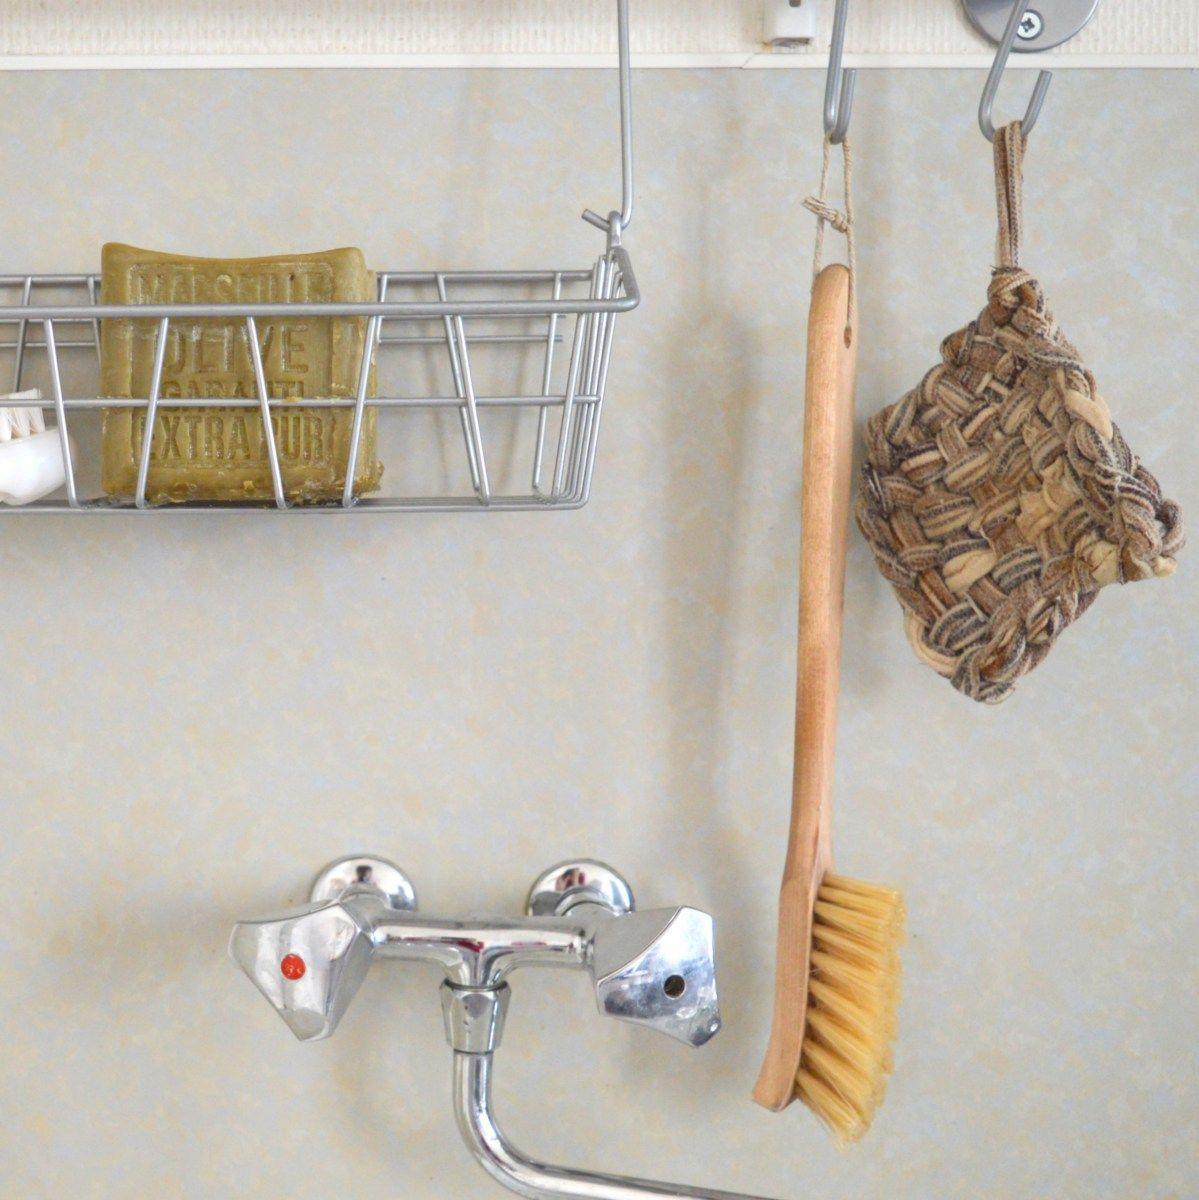 faire sa vaisselle en mode z ro d chet diy divers pinterest zero waste reduce waste et. Black Bedroom Furniture Sets. Home Design Ideas